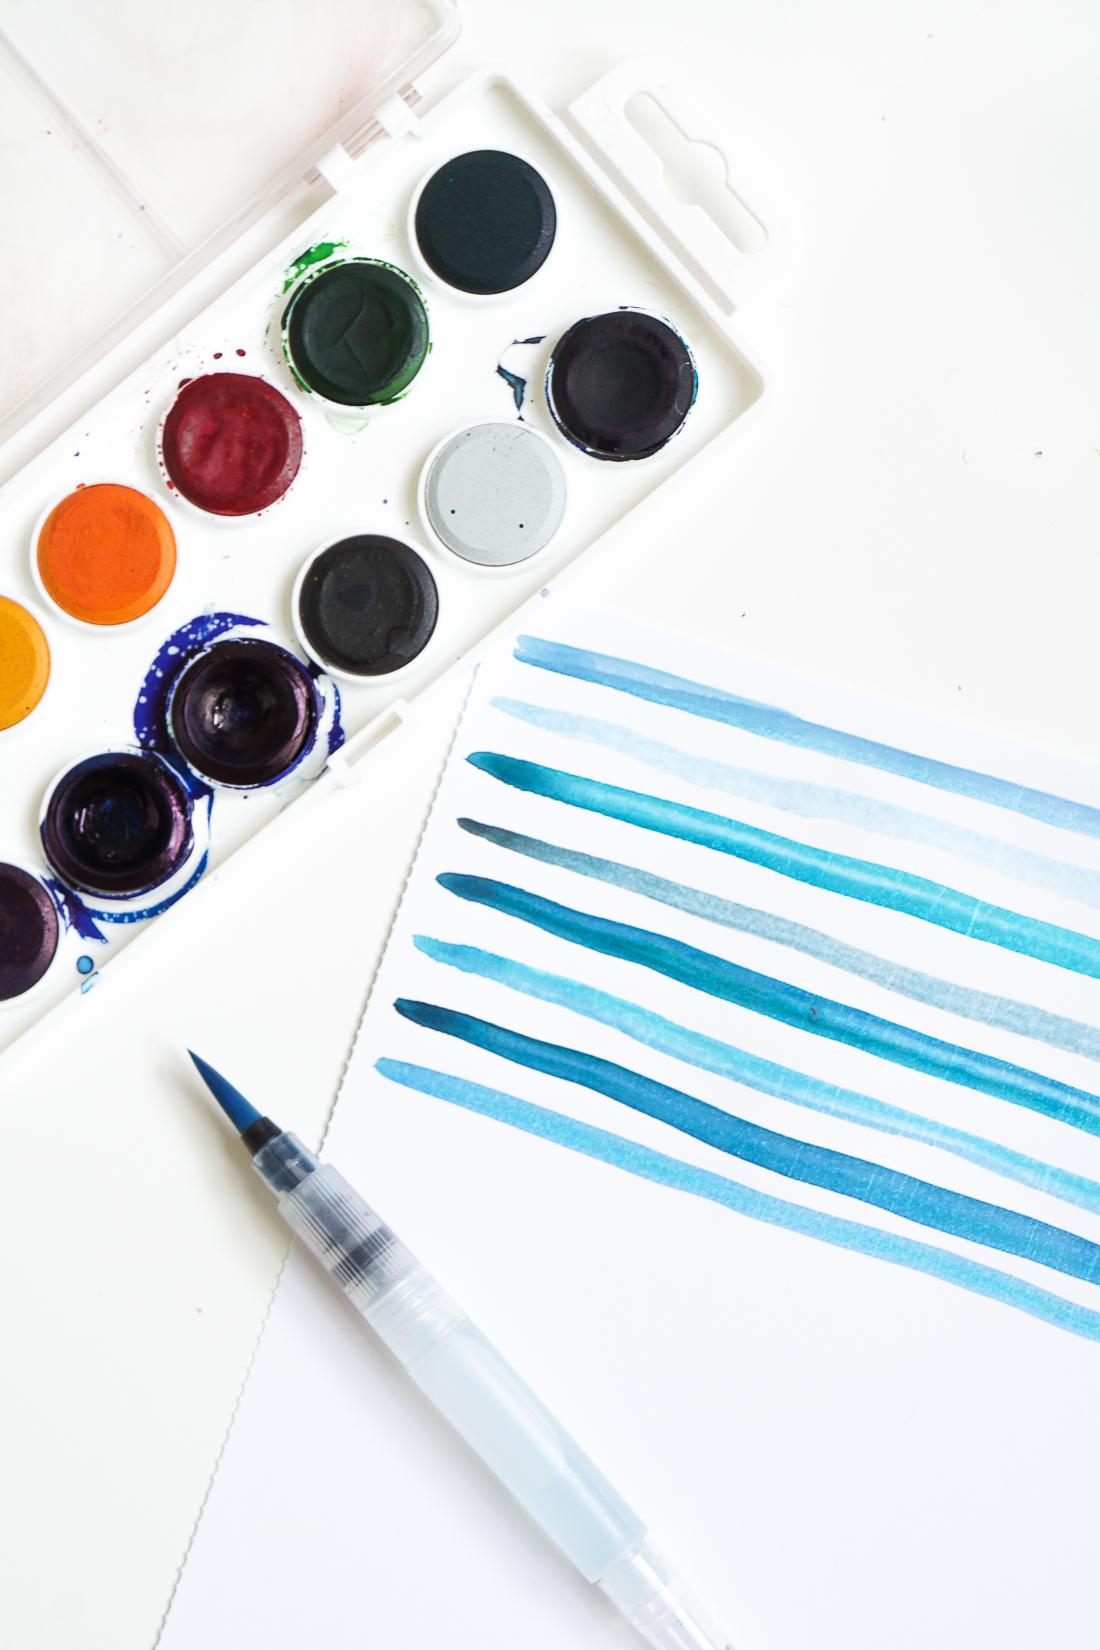 5-Minute Watercolor Phone CaseFrancois et Moi